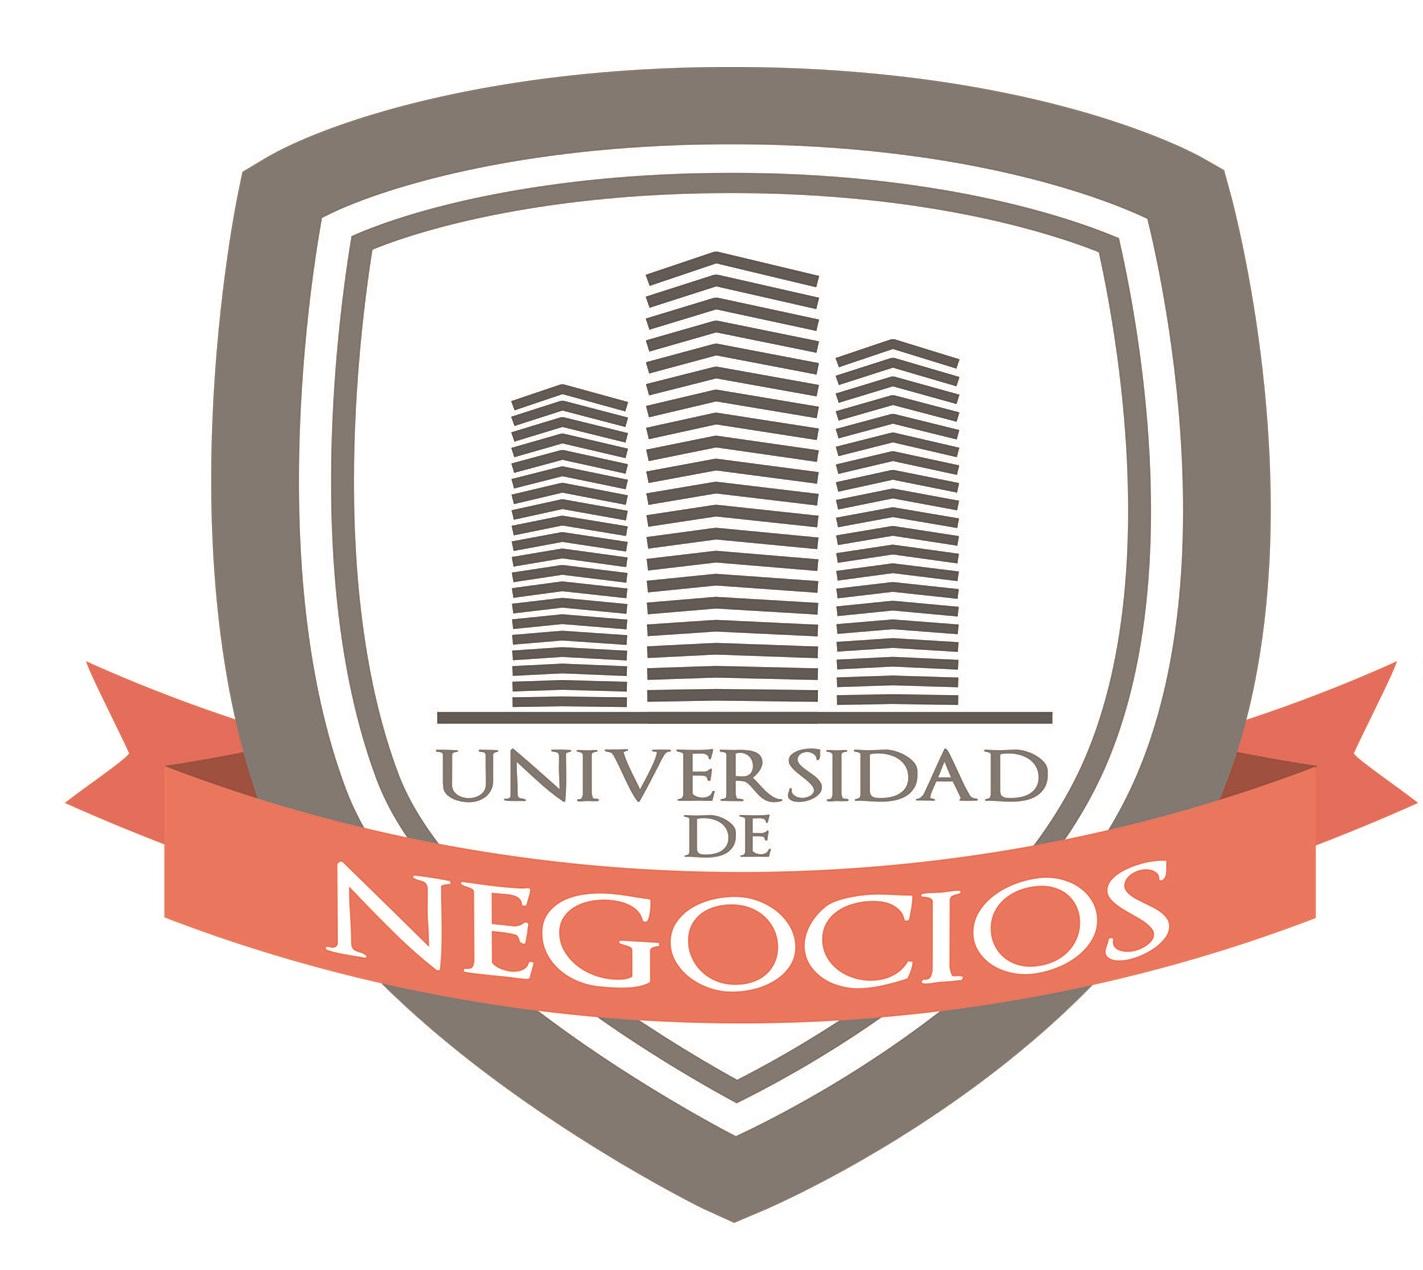 Universidad de Negocios